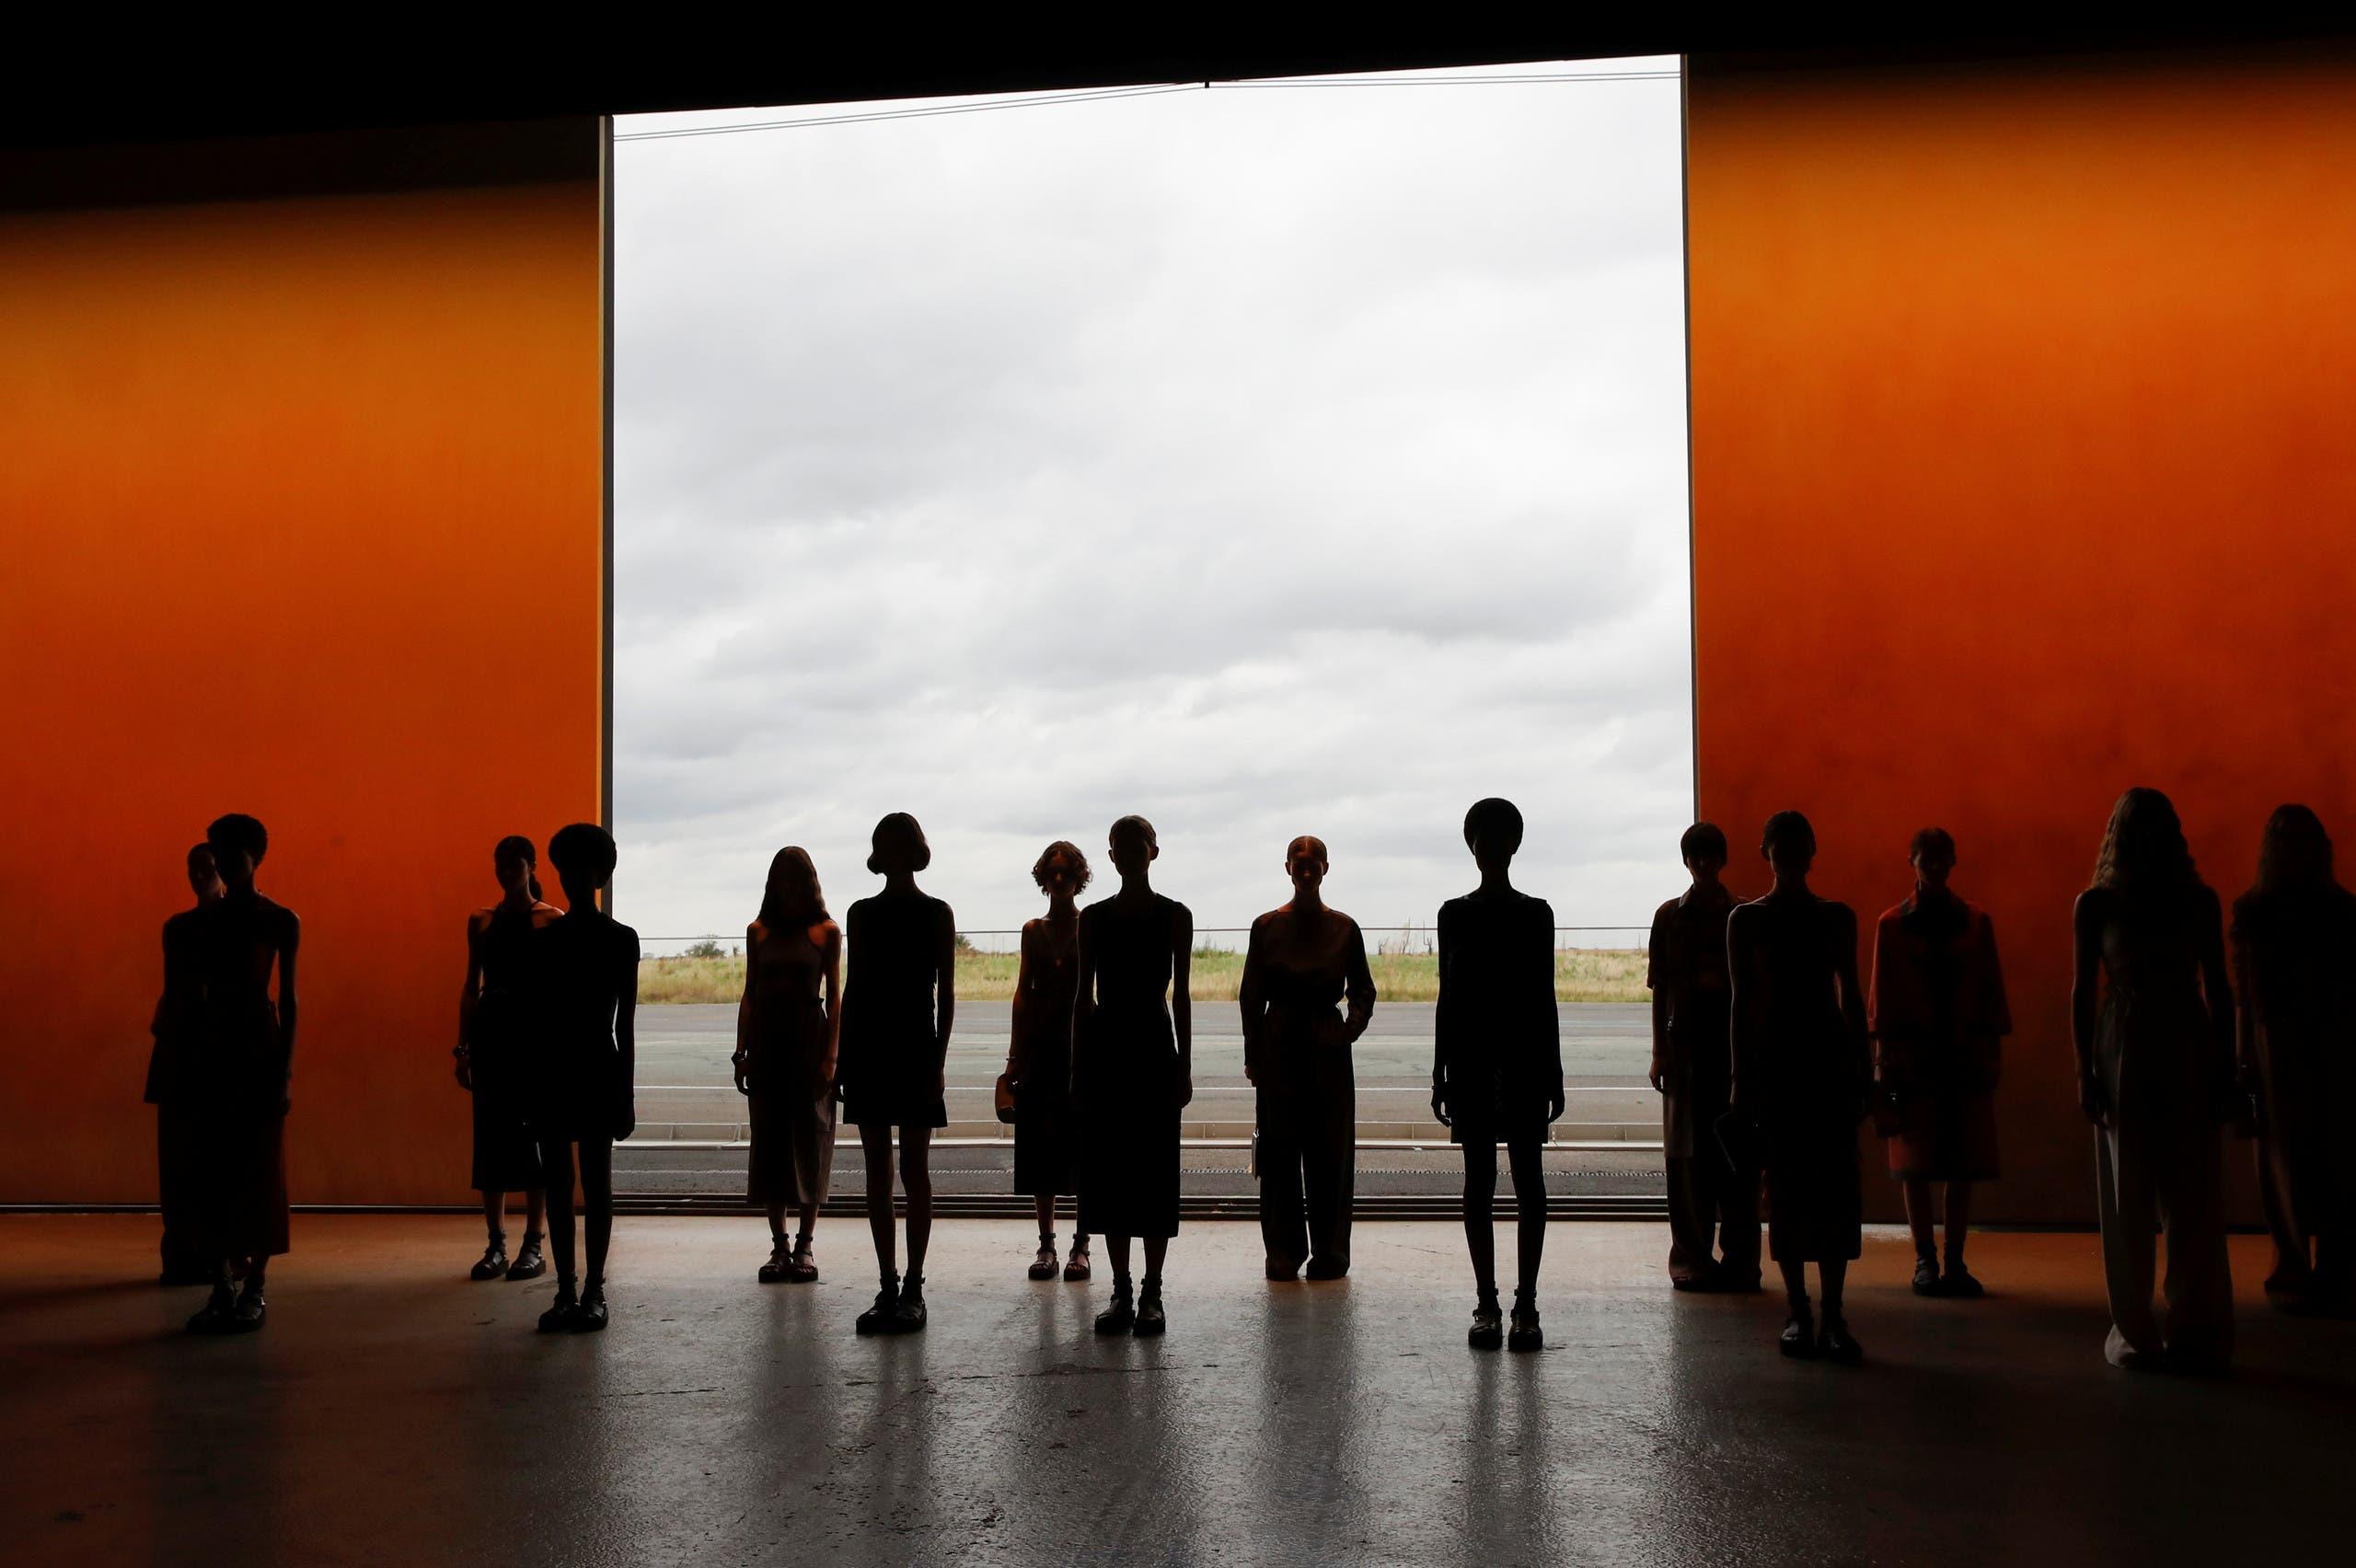 من عرض هيرميس الأخير في باريس